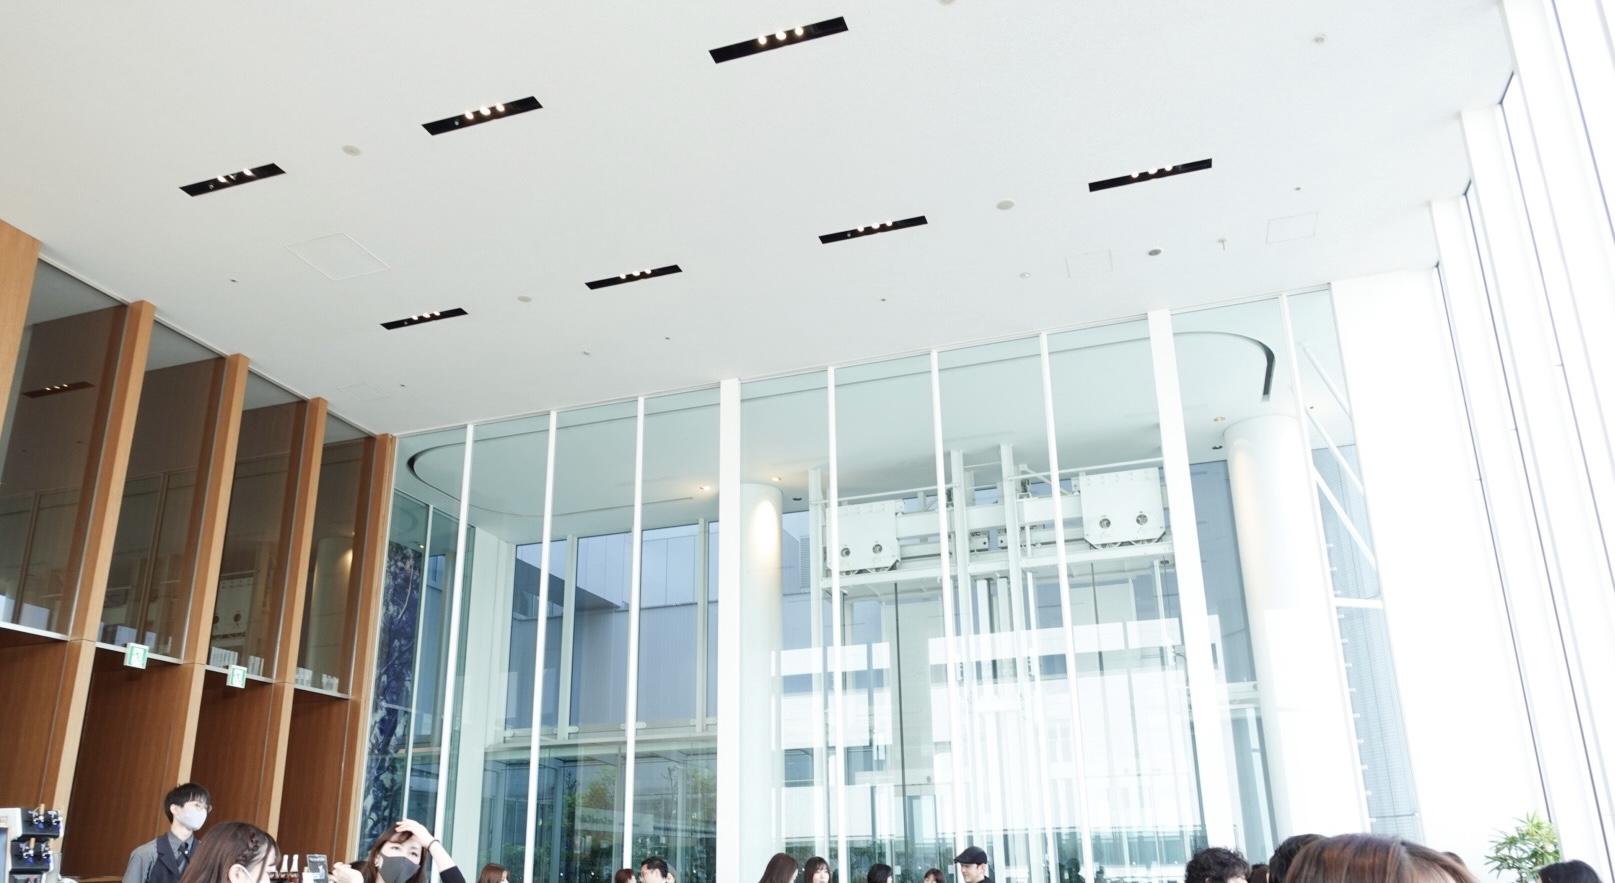 ドラマ半沢直樹のロケ地!?大阪にあるThe Grand Cafeでアフタヌーンティーをしたらとても眺望が良かった!甘いものばかりではないので男性にもおすすめ★_7